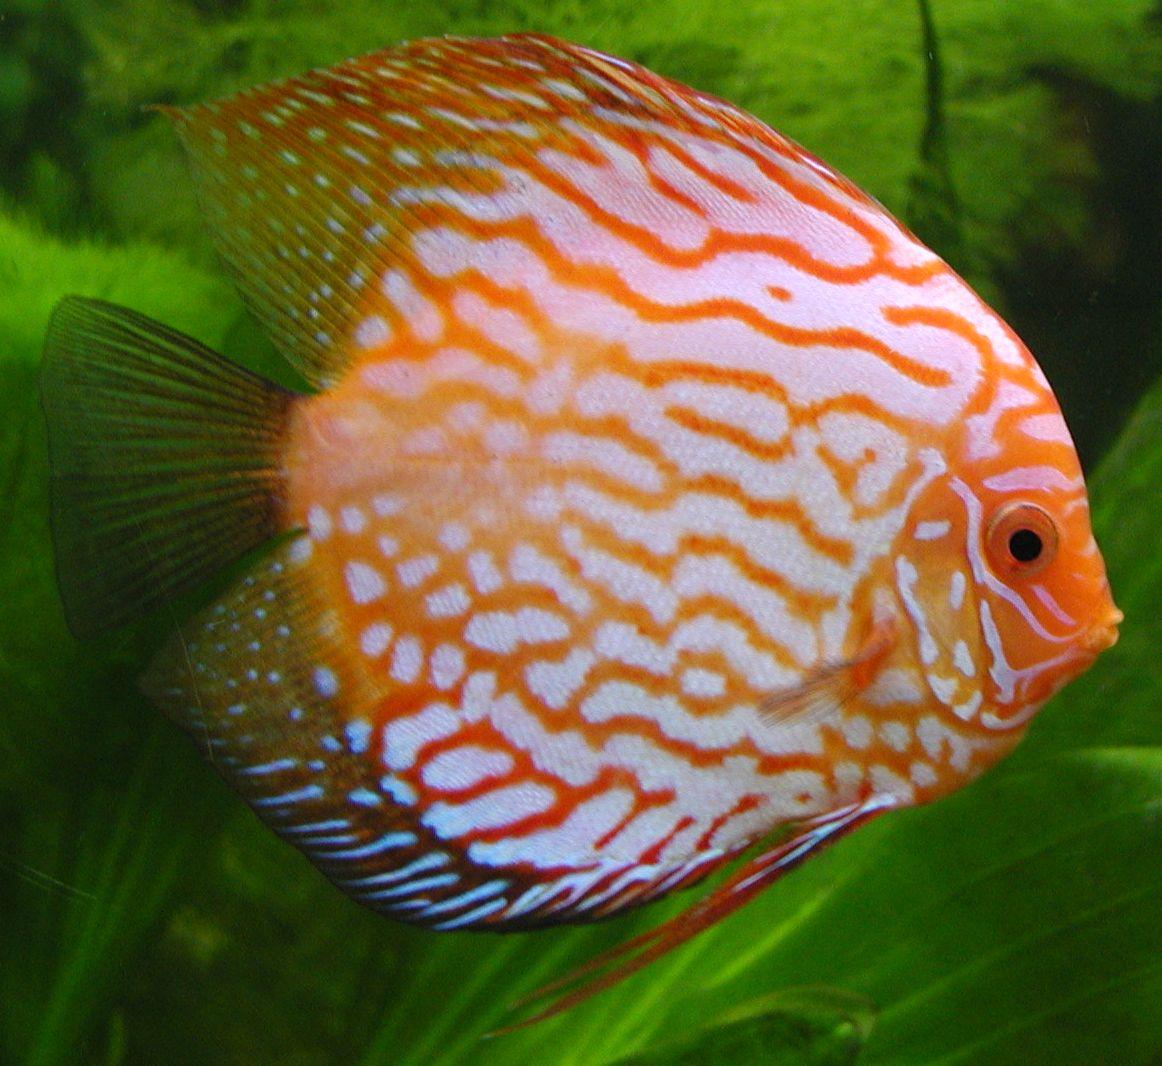 Freshwater aquarium fish in south africa - Aquarium Fish Edit